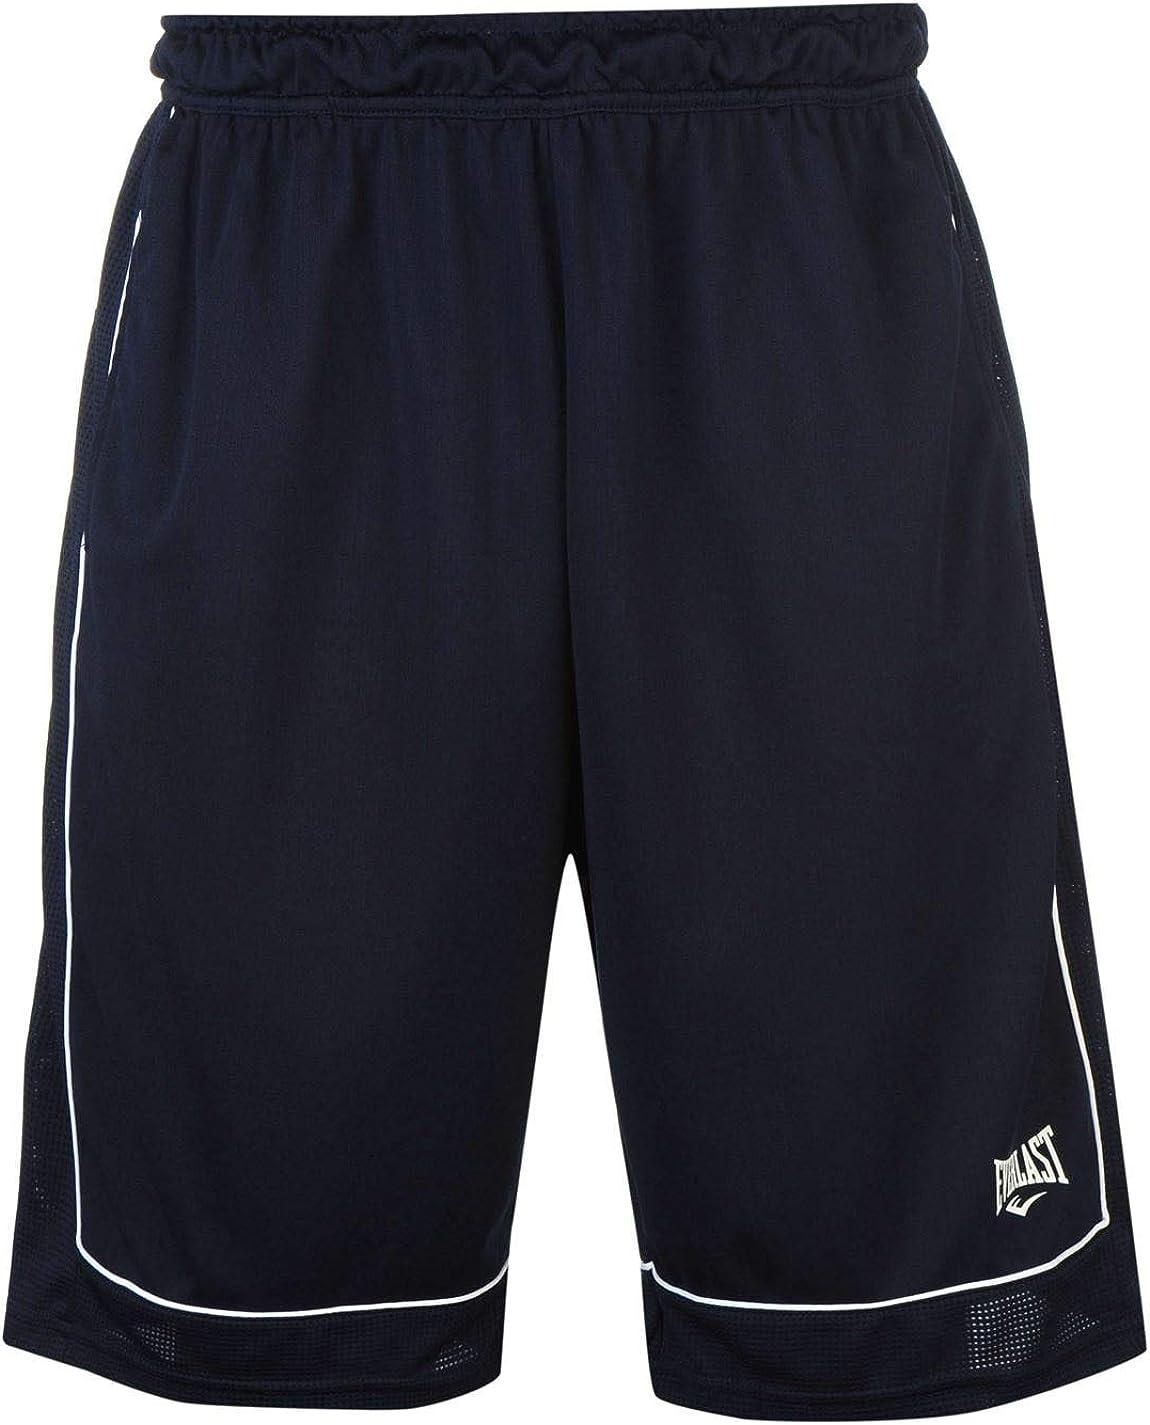 Everlast - Pantalones cortos de baloncesto para hombre, sueltos, ropa deportiva